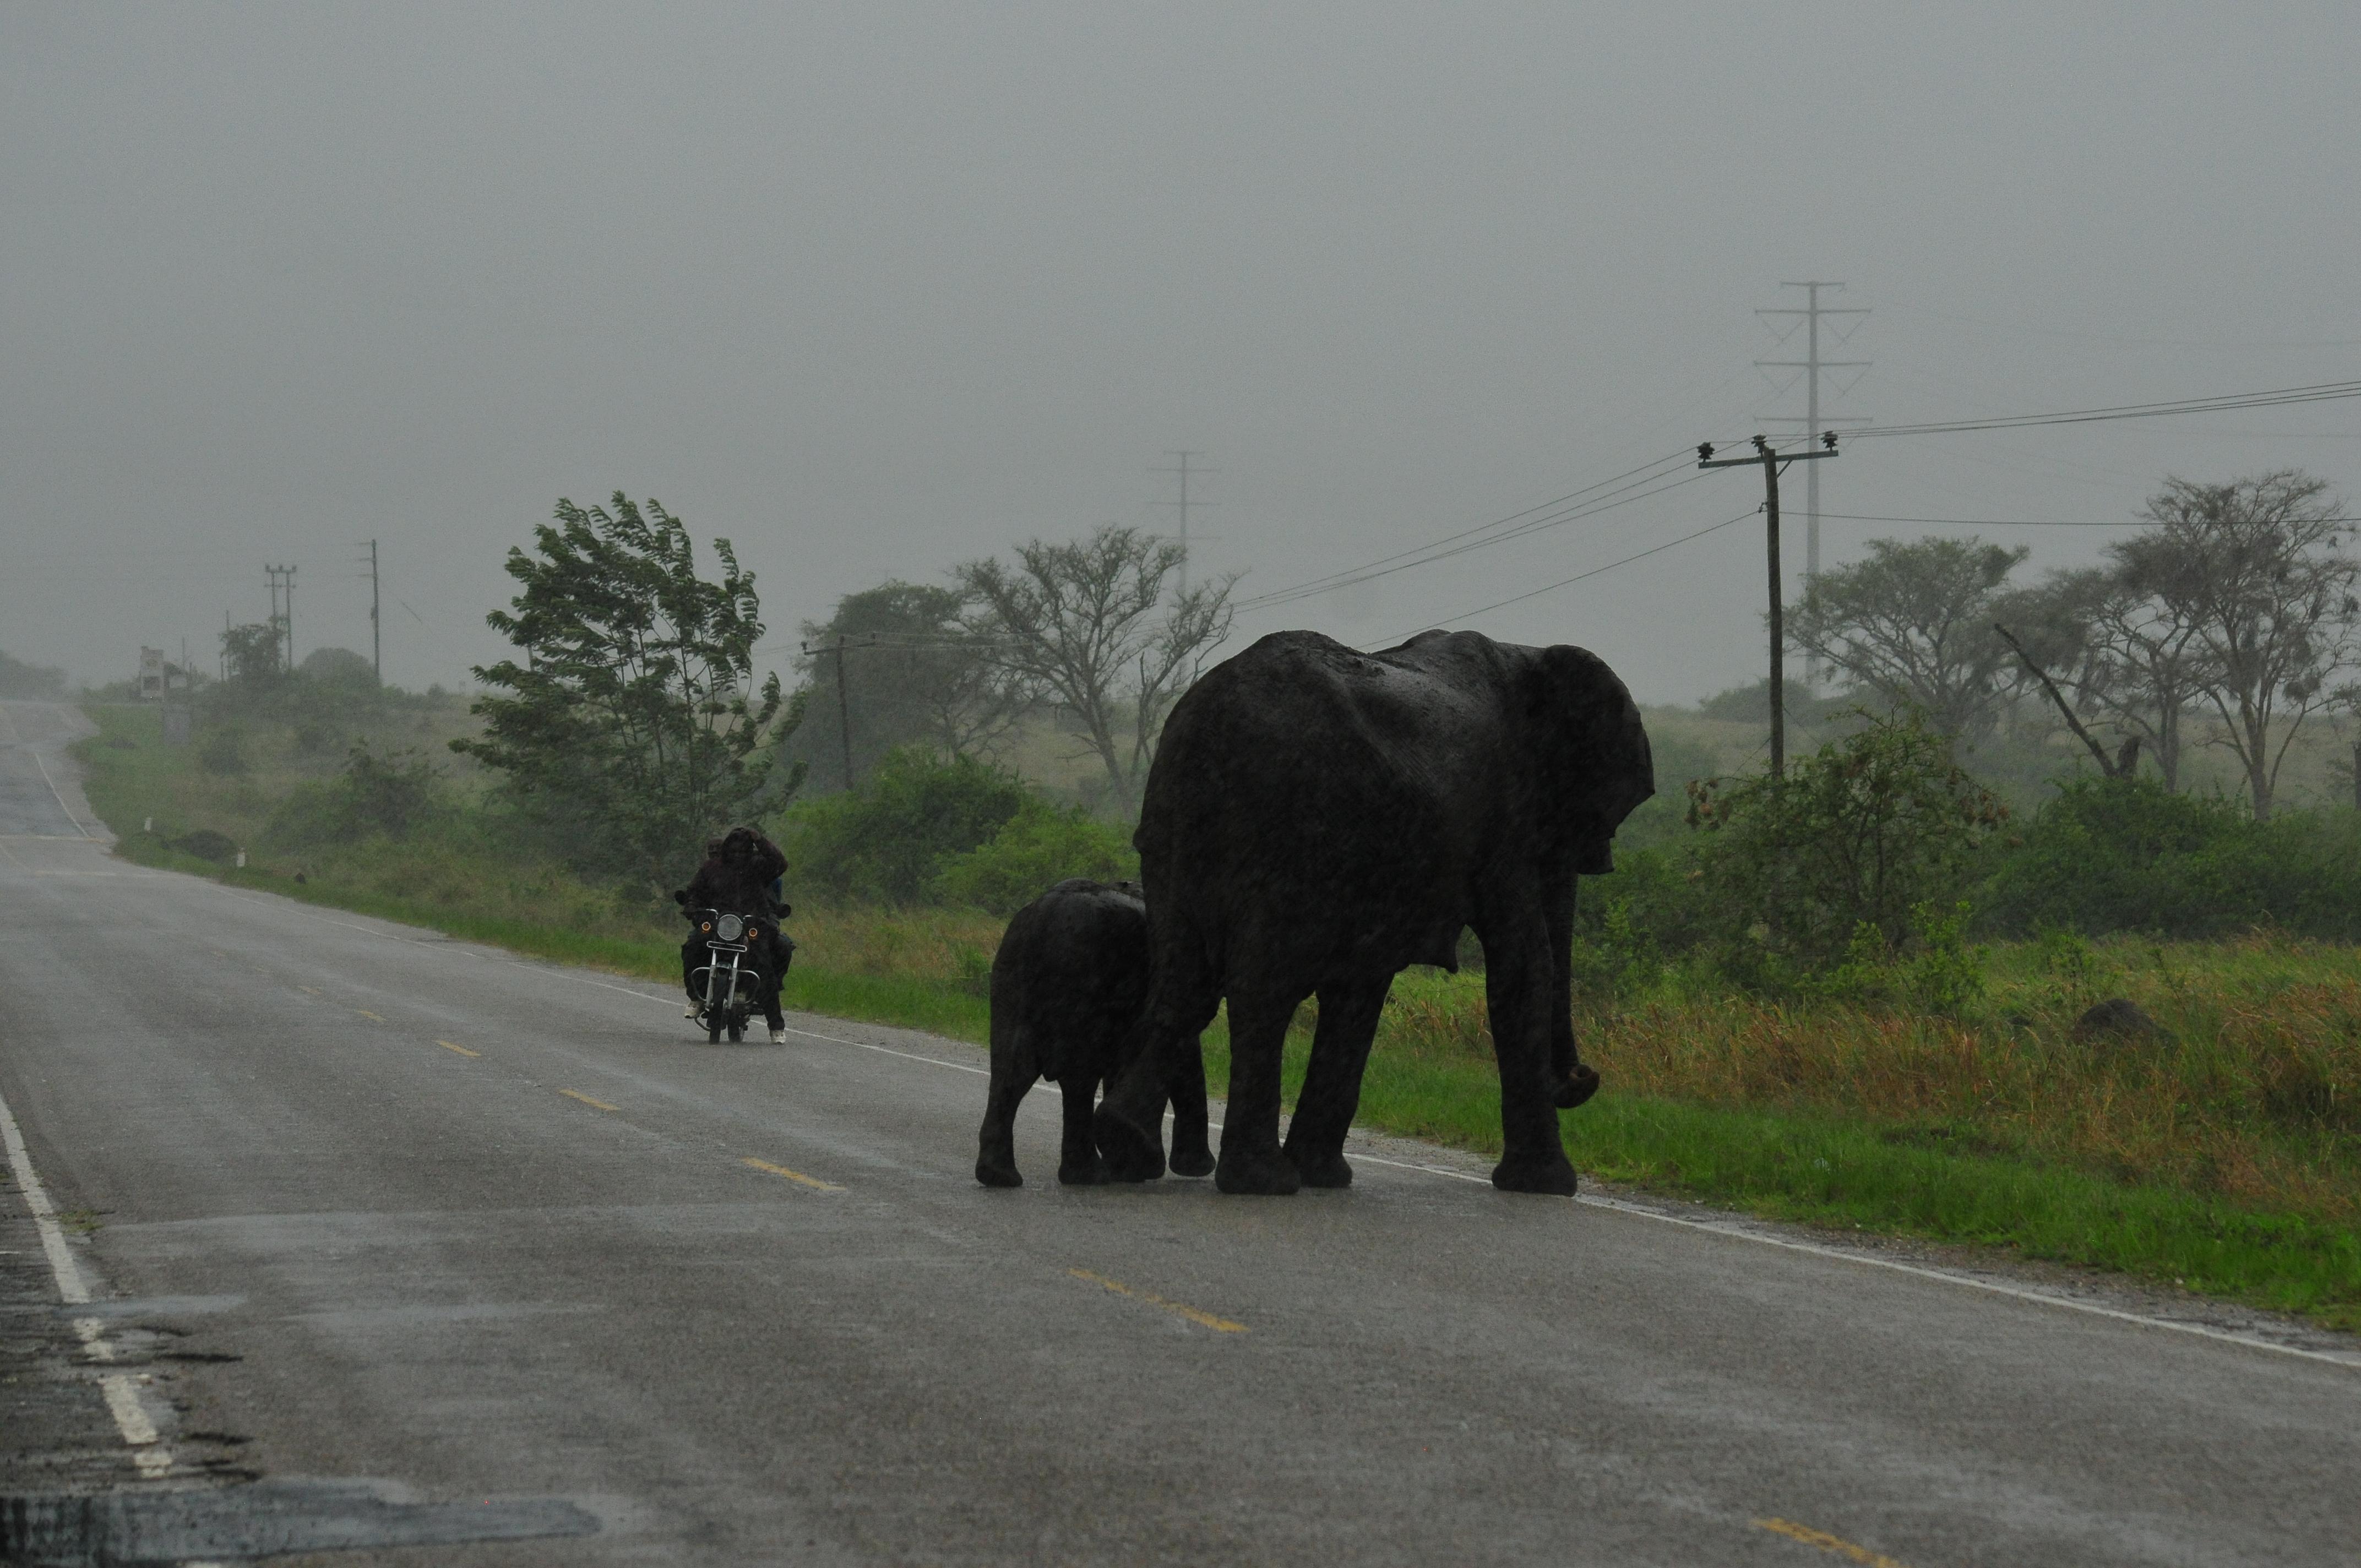 Elefanten überqueren eine Straße